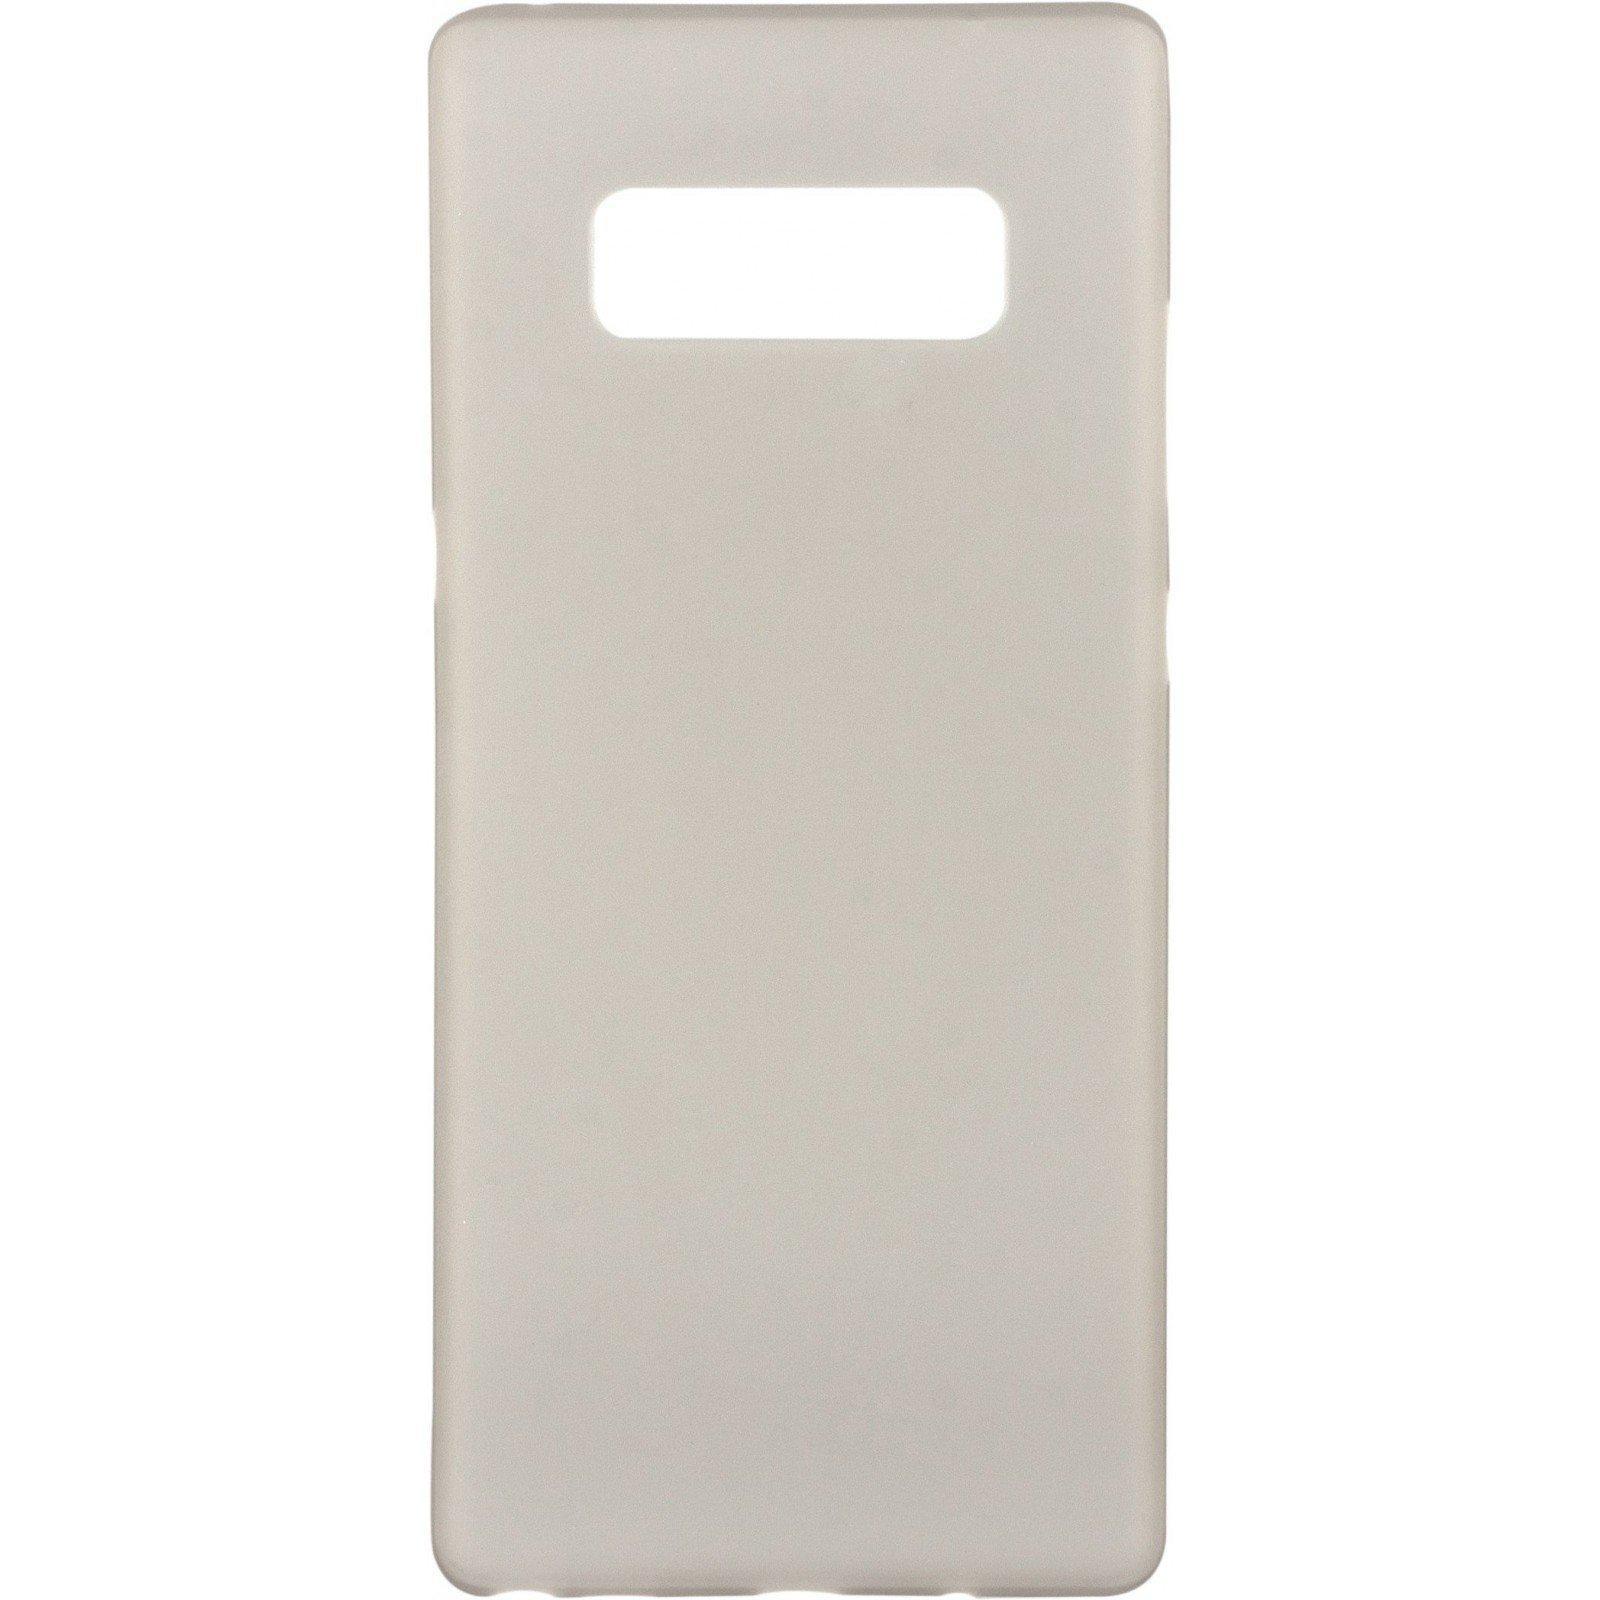 Чехол для моб. телефона MakeFuture PP/Ice Case для Samsung Note 8 Grey (MCI-SN8GR) изображение 4